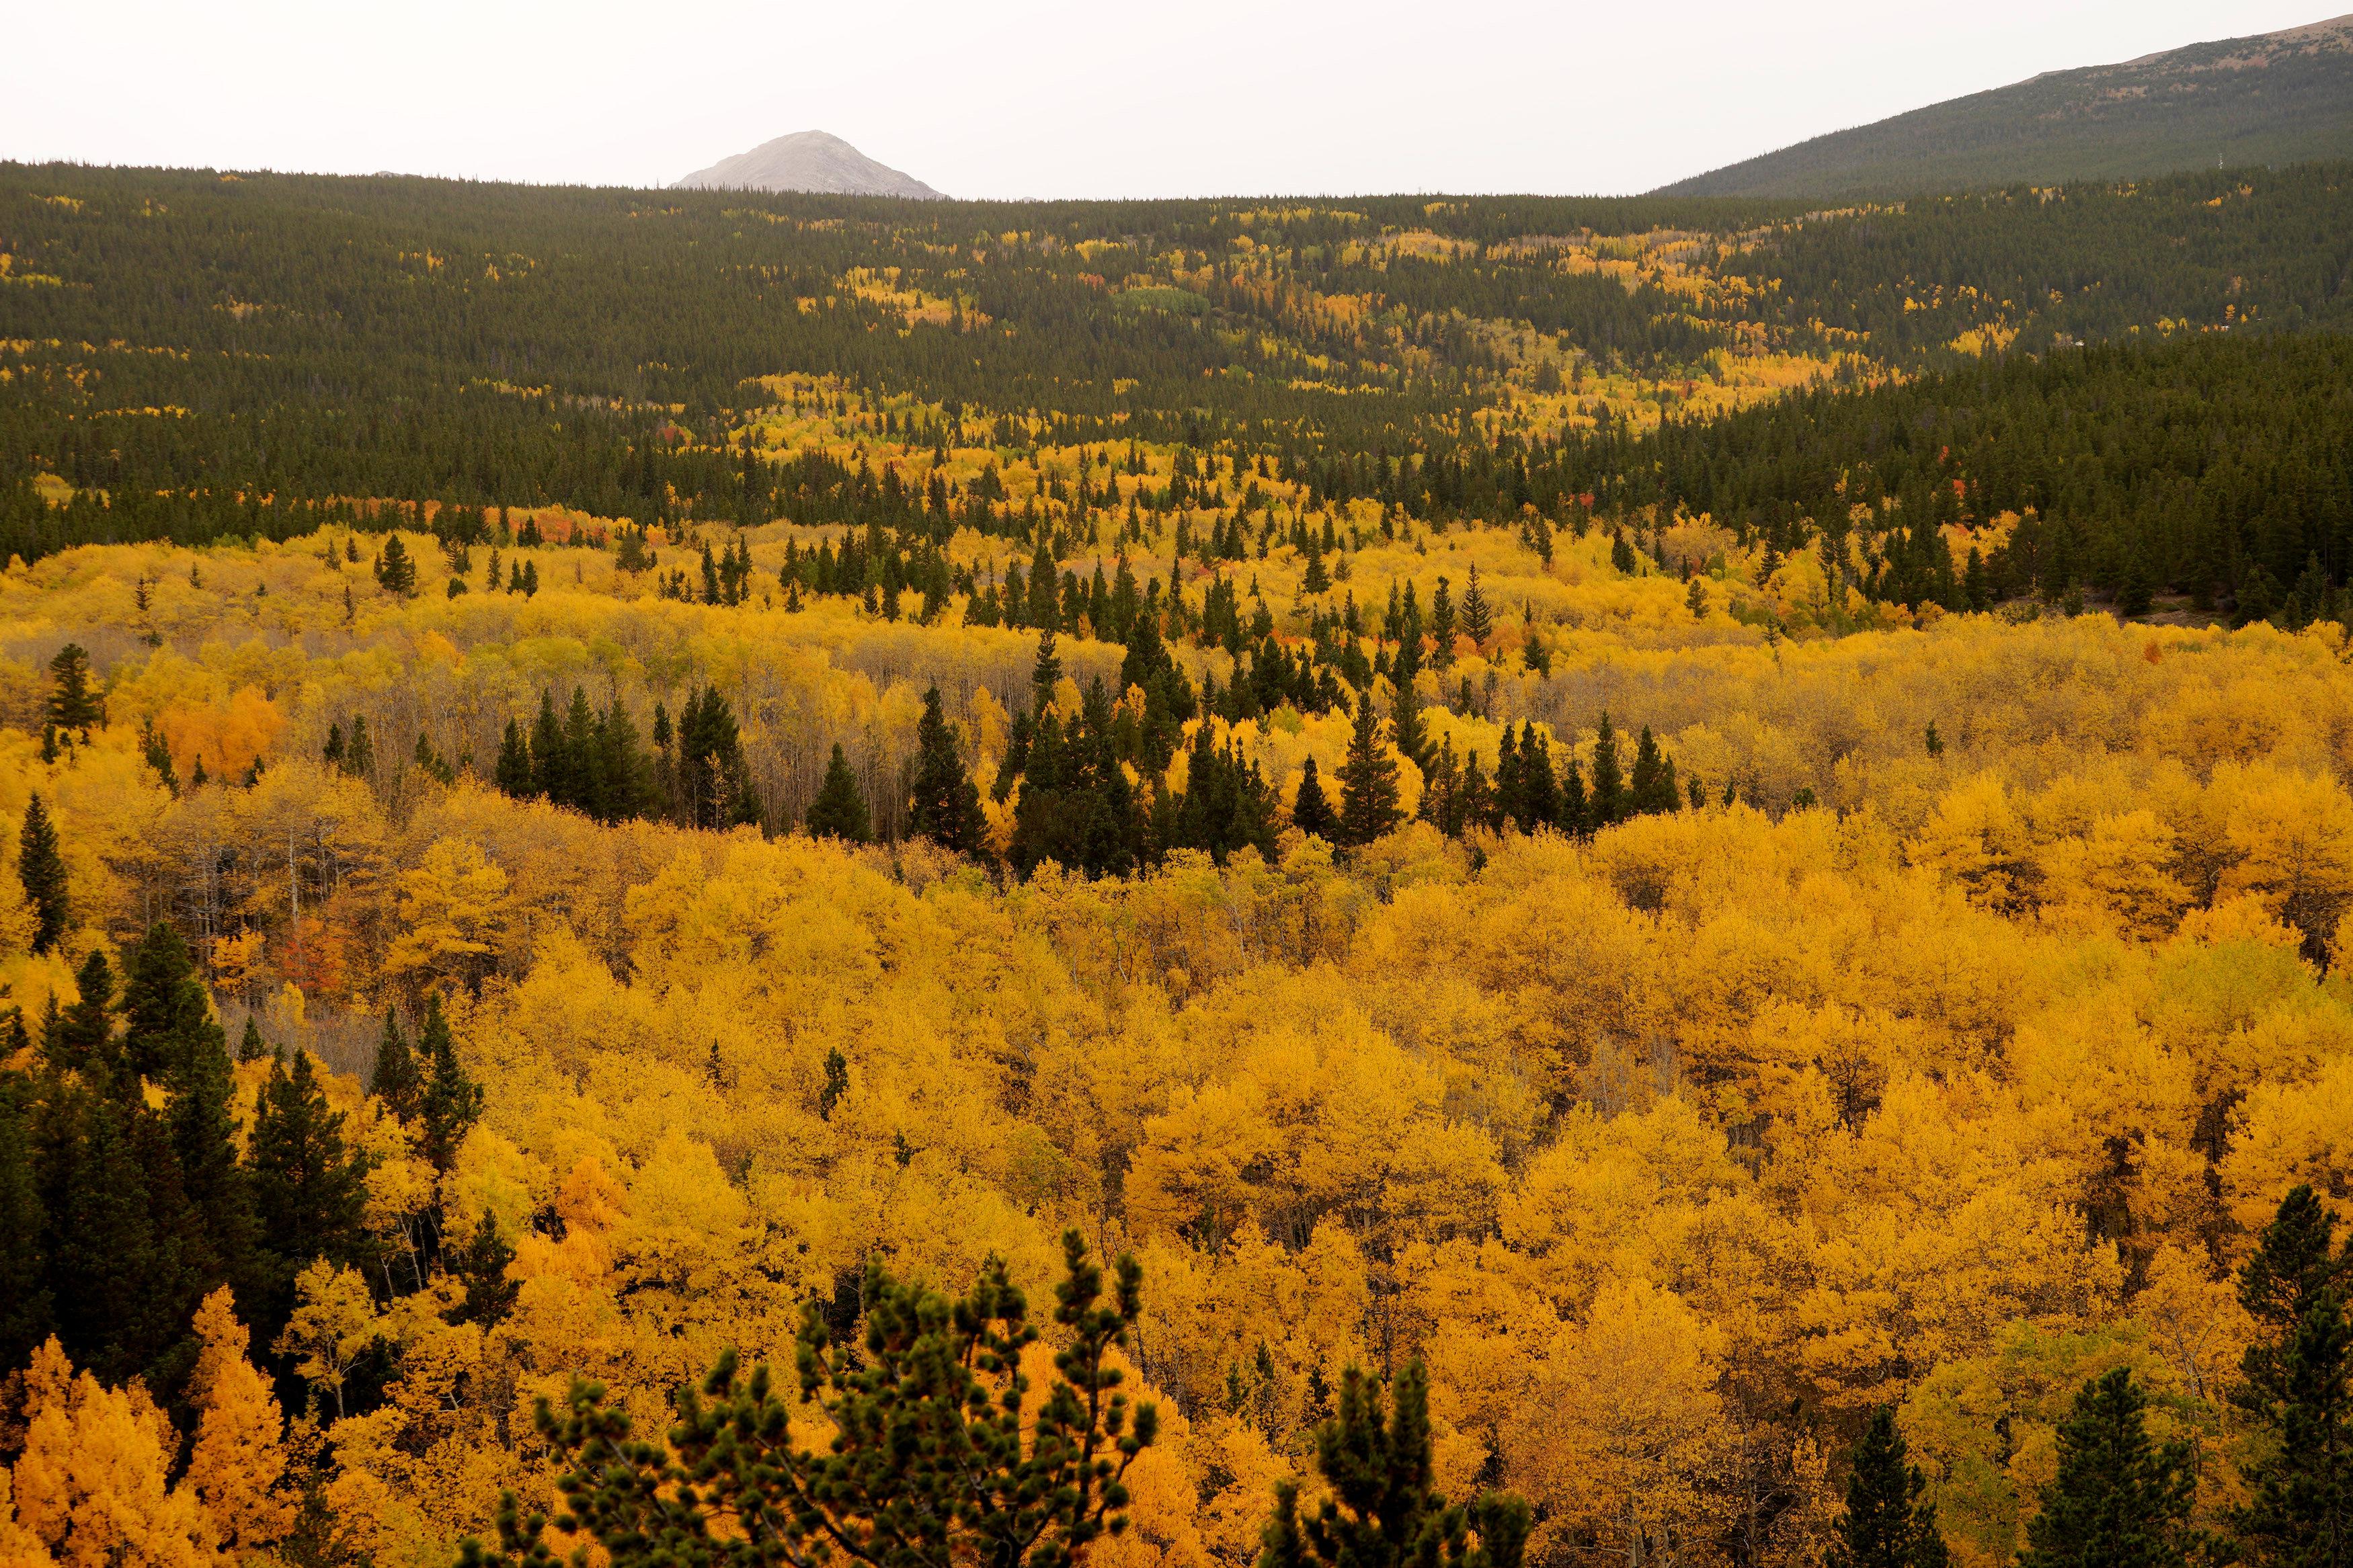 柯羅拉多州丹佛市西北邊不遠的尼德蘭,山丘上一片白楊樹林,帶來第一道秋景。(路透)